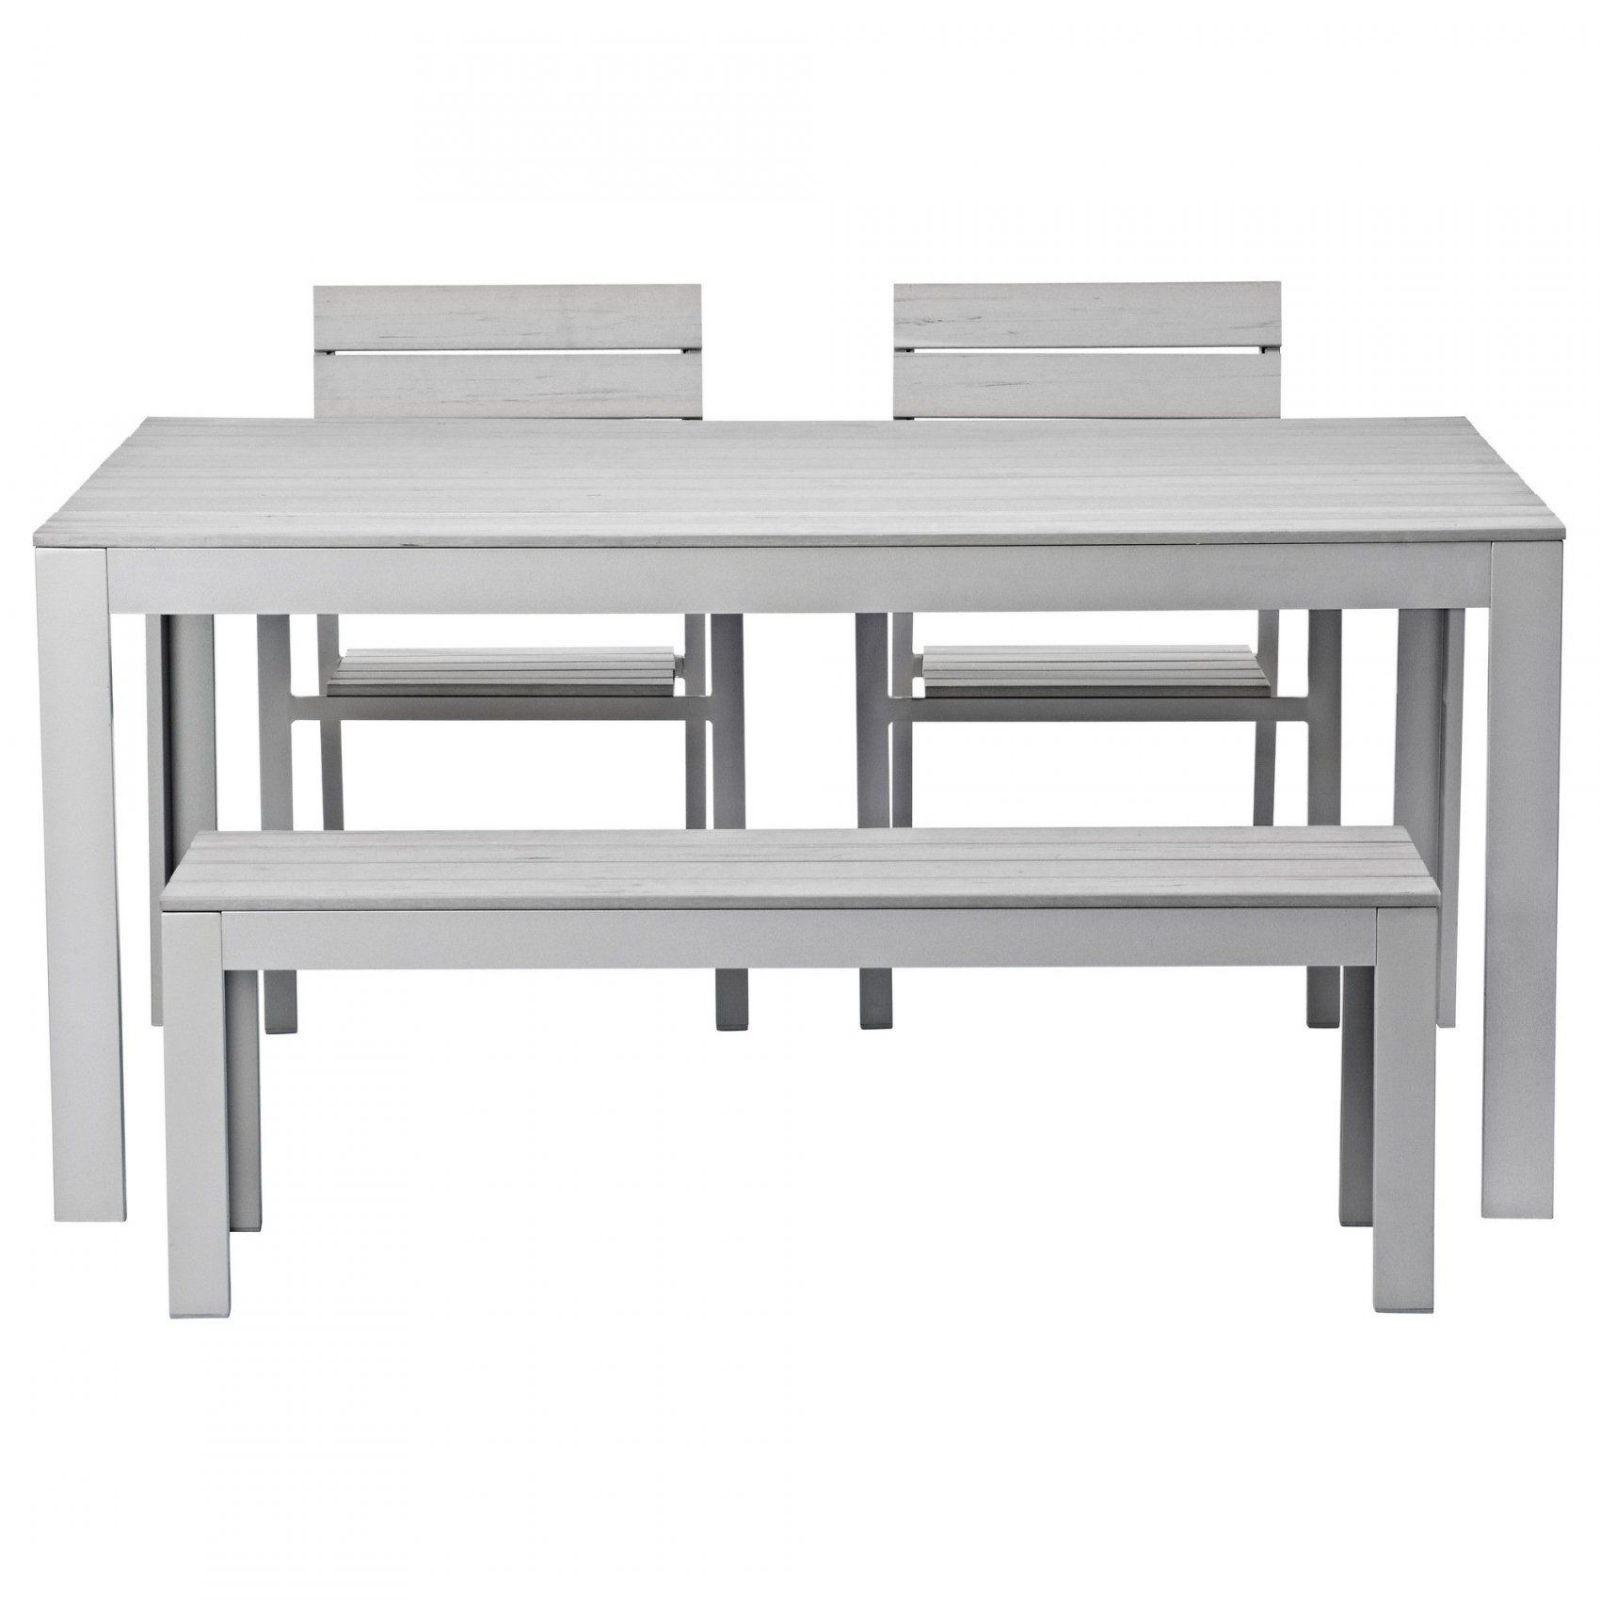 Ikea Bänke Für Draußen | Haus Design Ideen